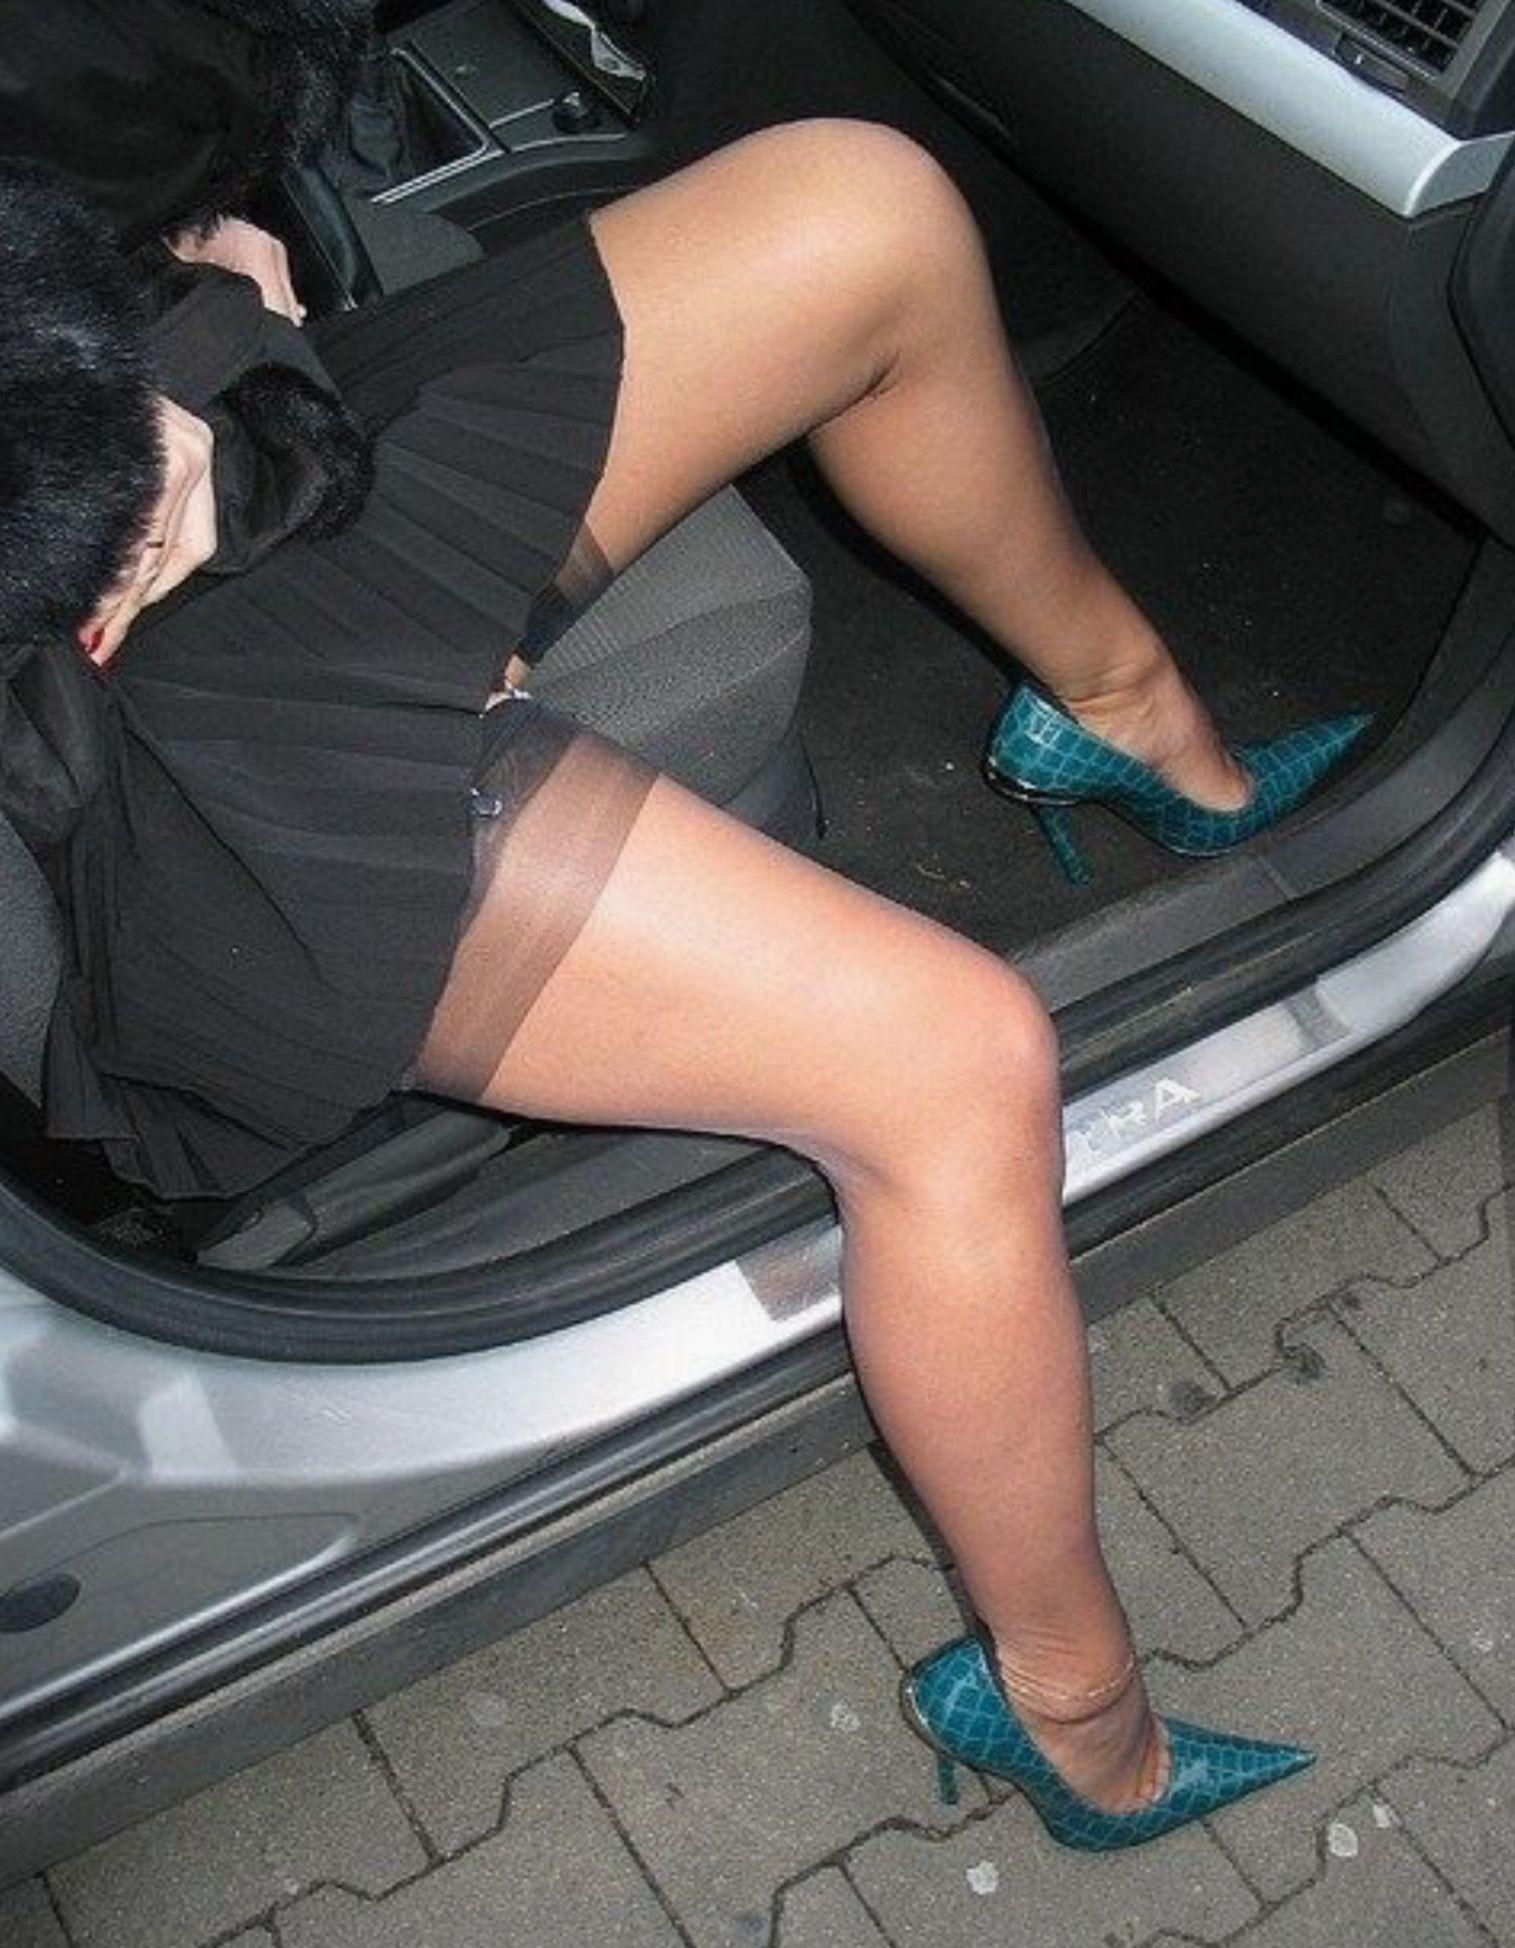 nylons Schöne beine in